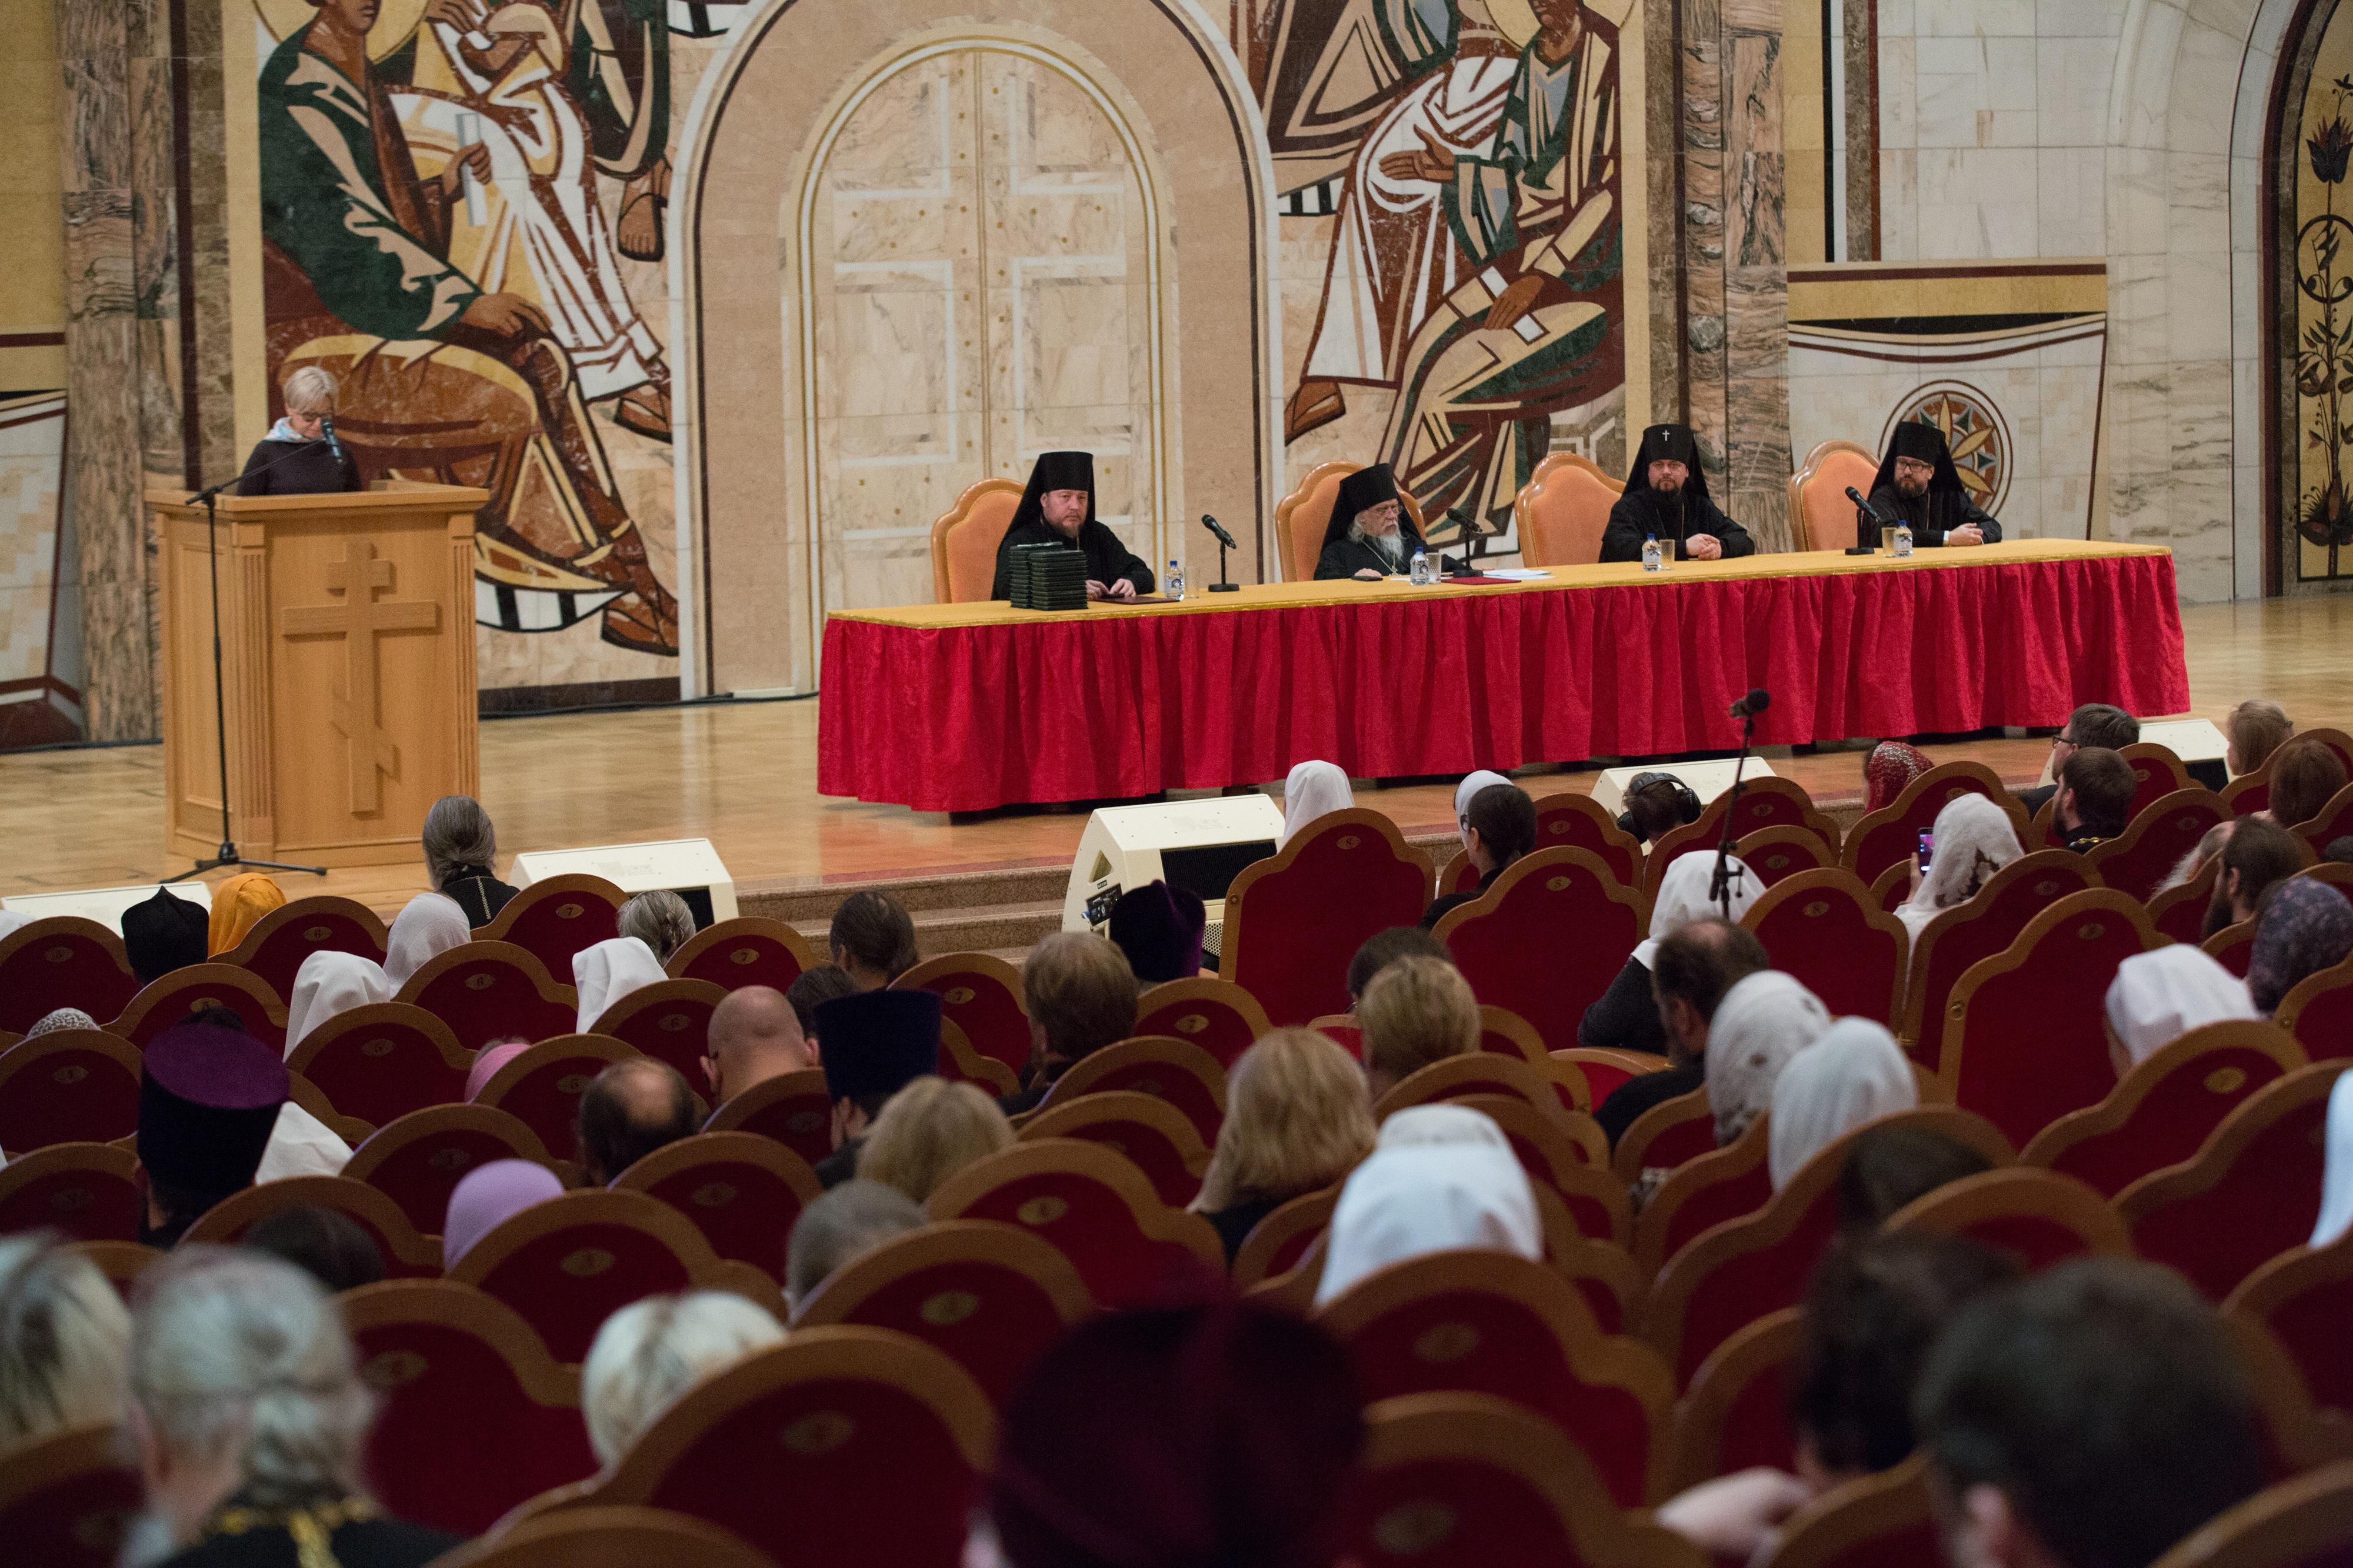 IX Общецерковный съезд по социальному служению прошел в Москве